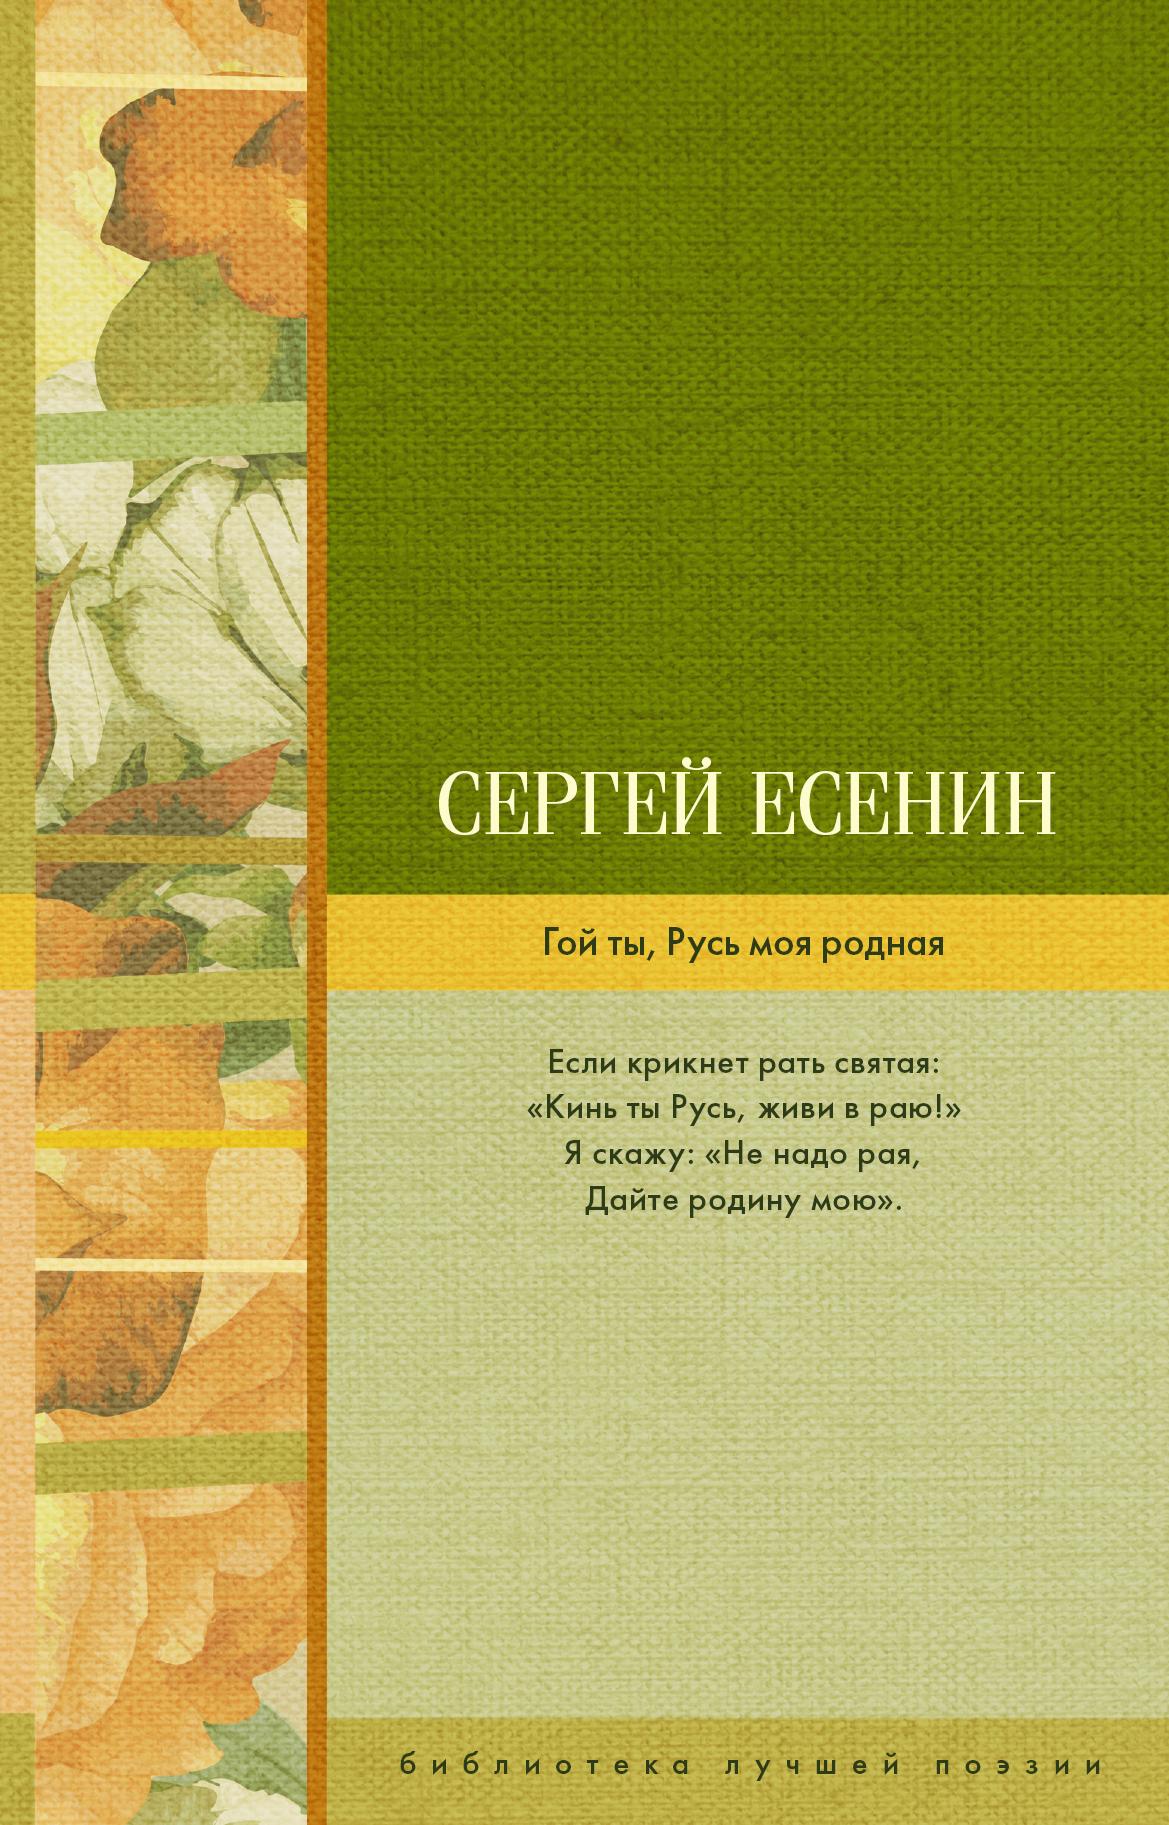 Есенин С.А. Гой ты, Русь моя родная сергей майдуков родная кровь